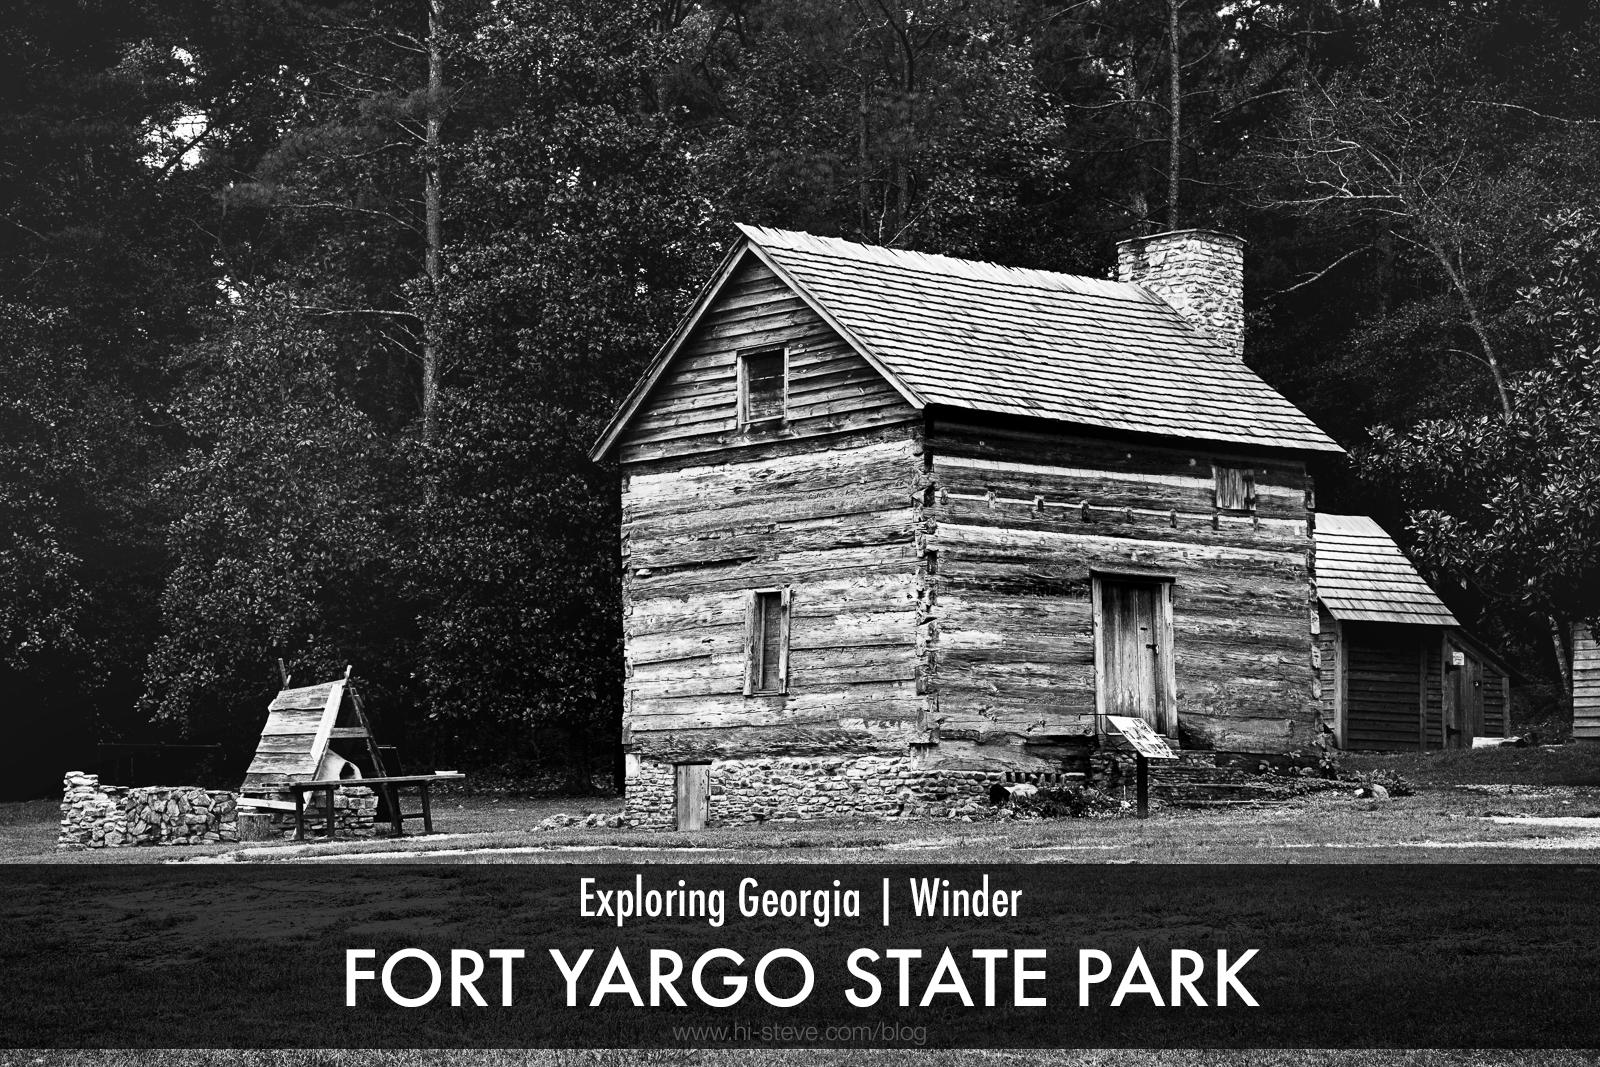 fort-yargo-statepark-winder-georgia